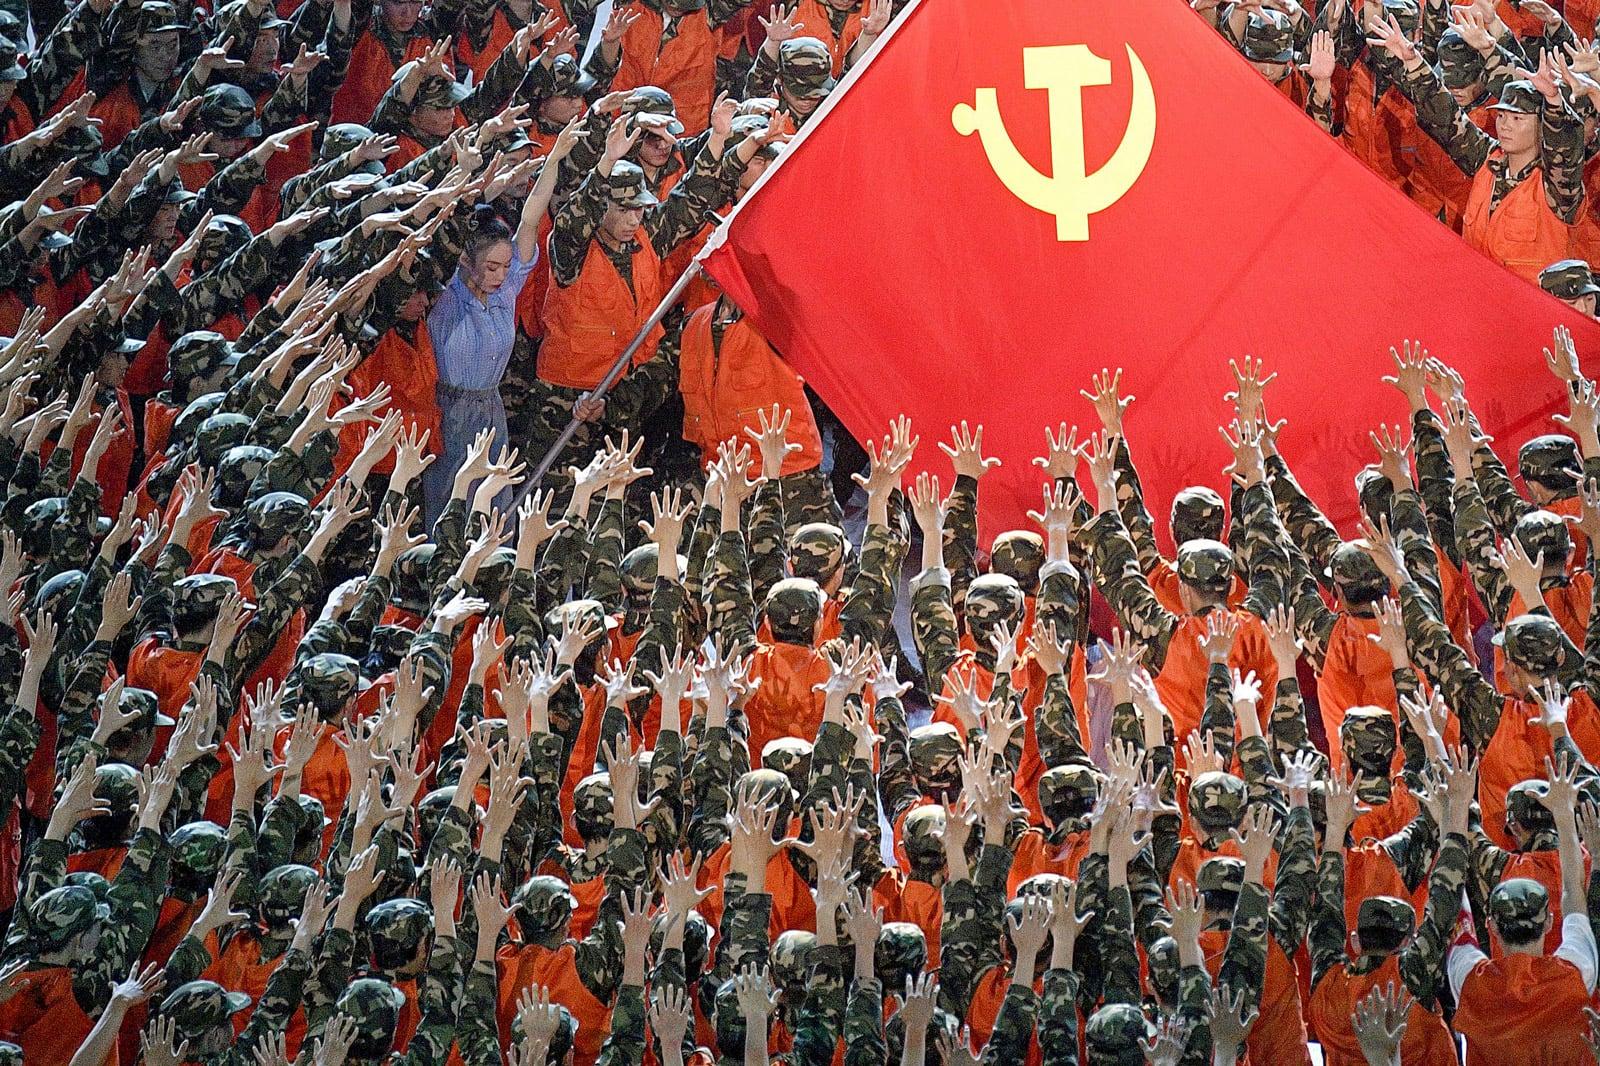 Espectacle commemoratiu del centenari del Partit Comunista Xinès, a l'estadi Nacional de Beijing, el 28 de juny. Fotografia de Kyodo. Efe.